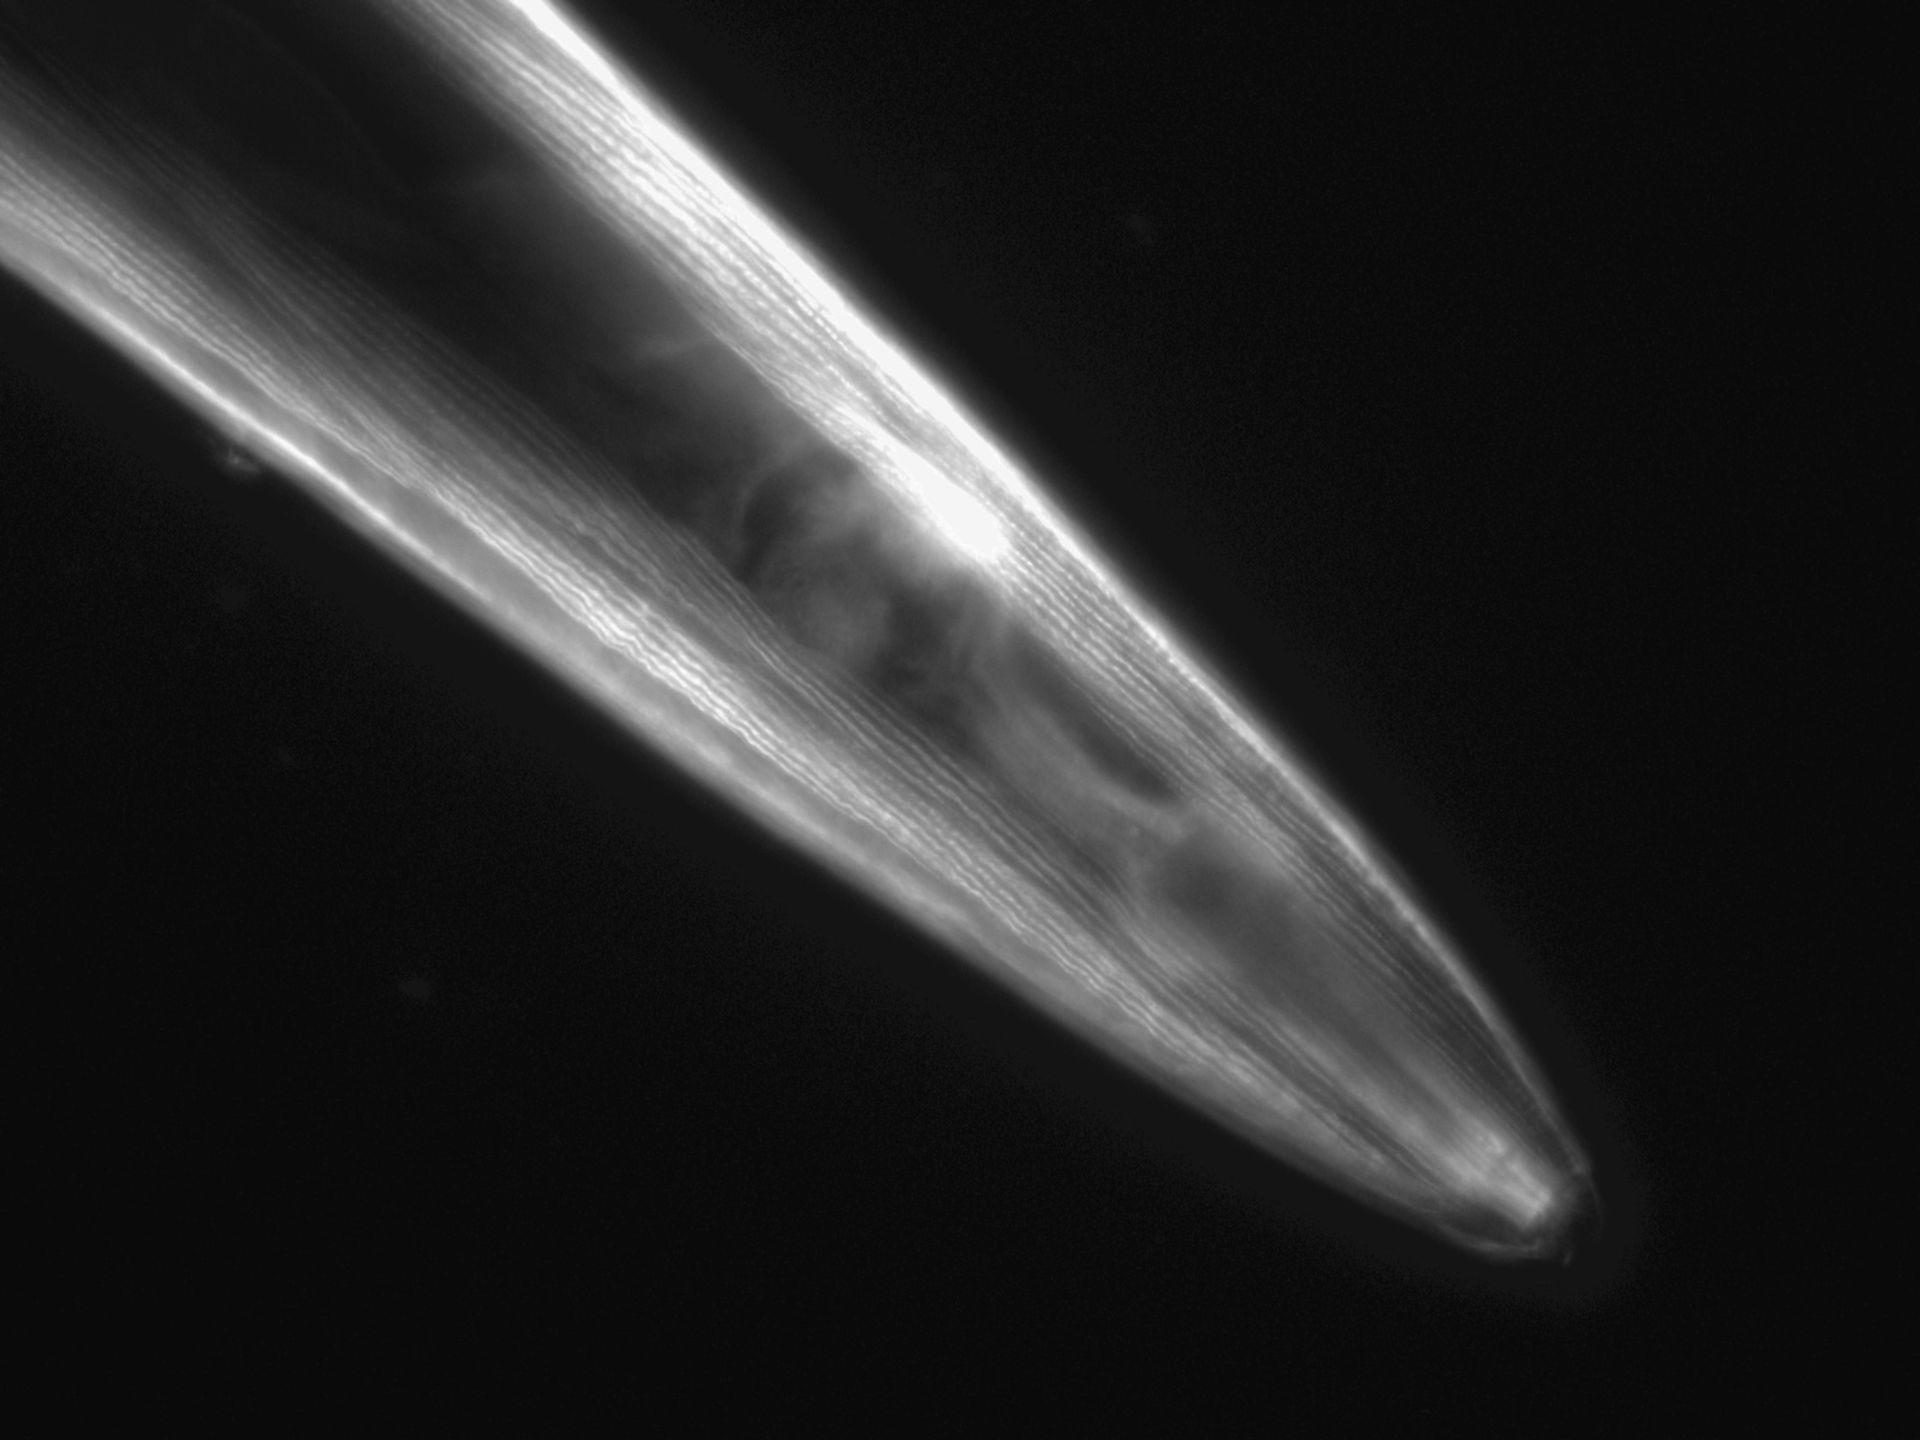 Caenorhabditis elegans (Actin filament) - CIL:1080